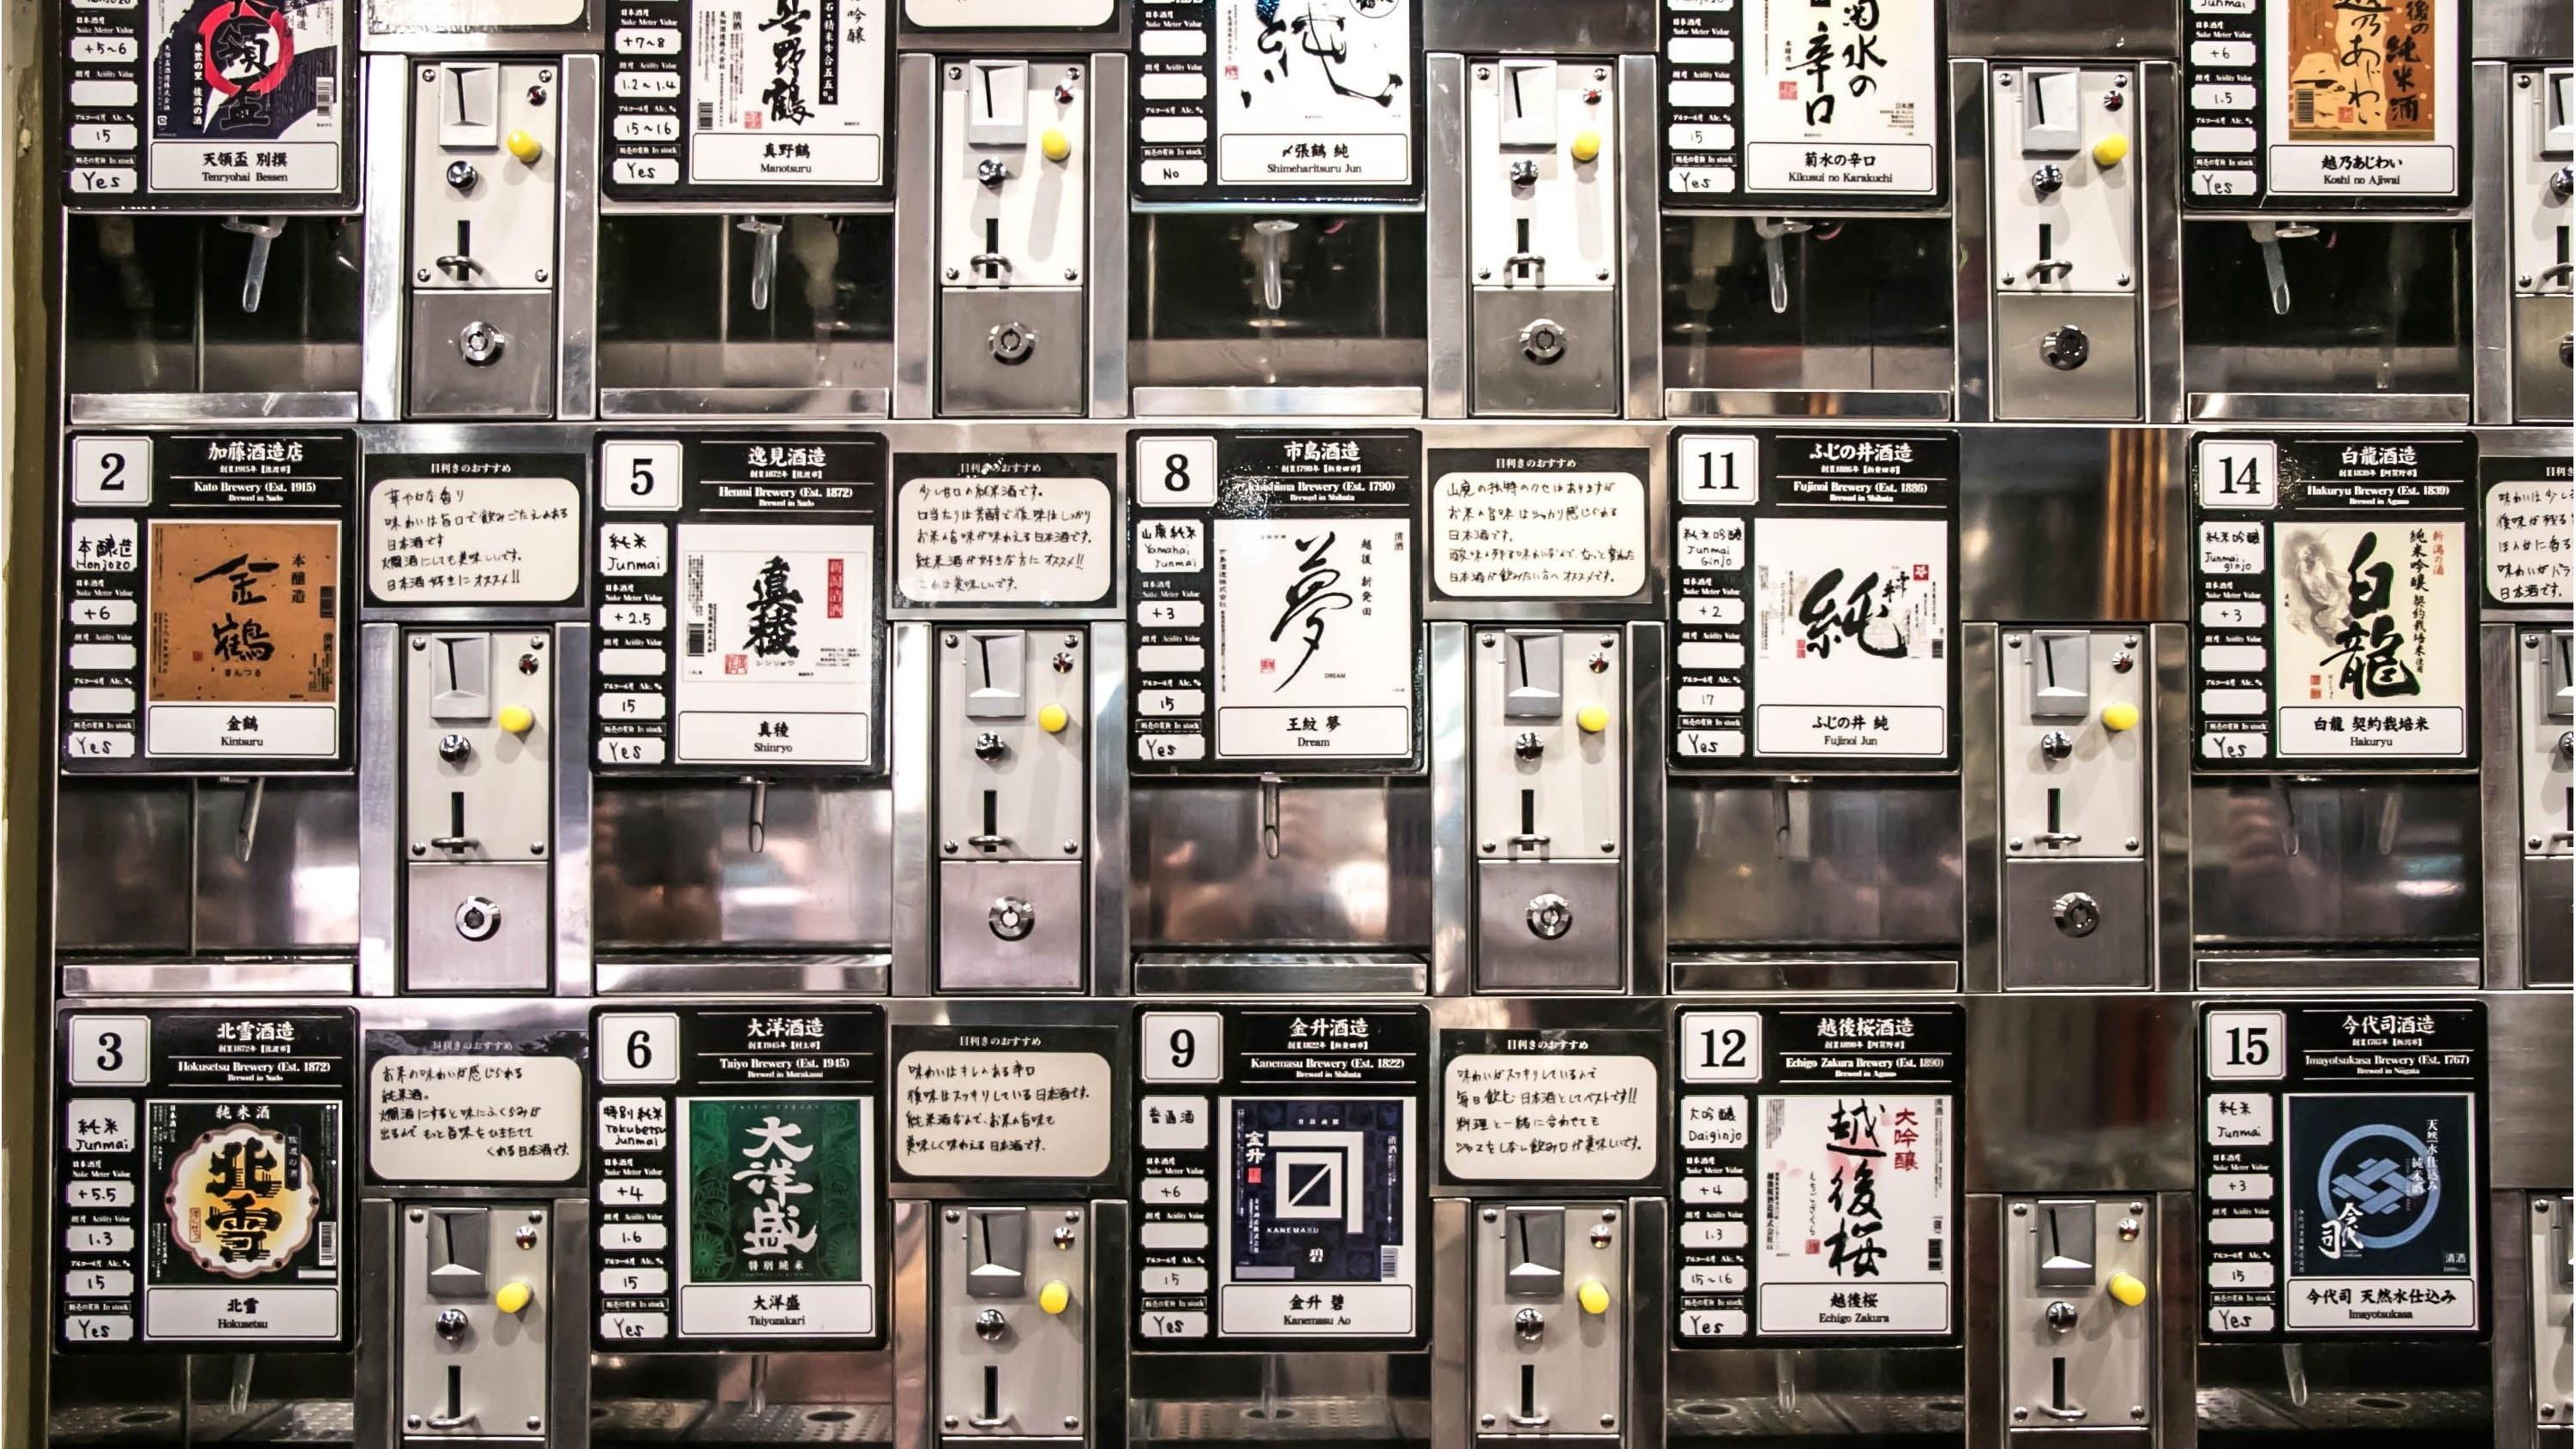 酒迷的「微醺樂園」!日本清酒投幣機 超過100種清酒可供試飲